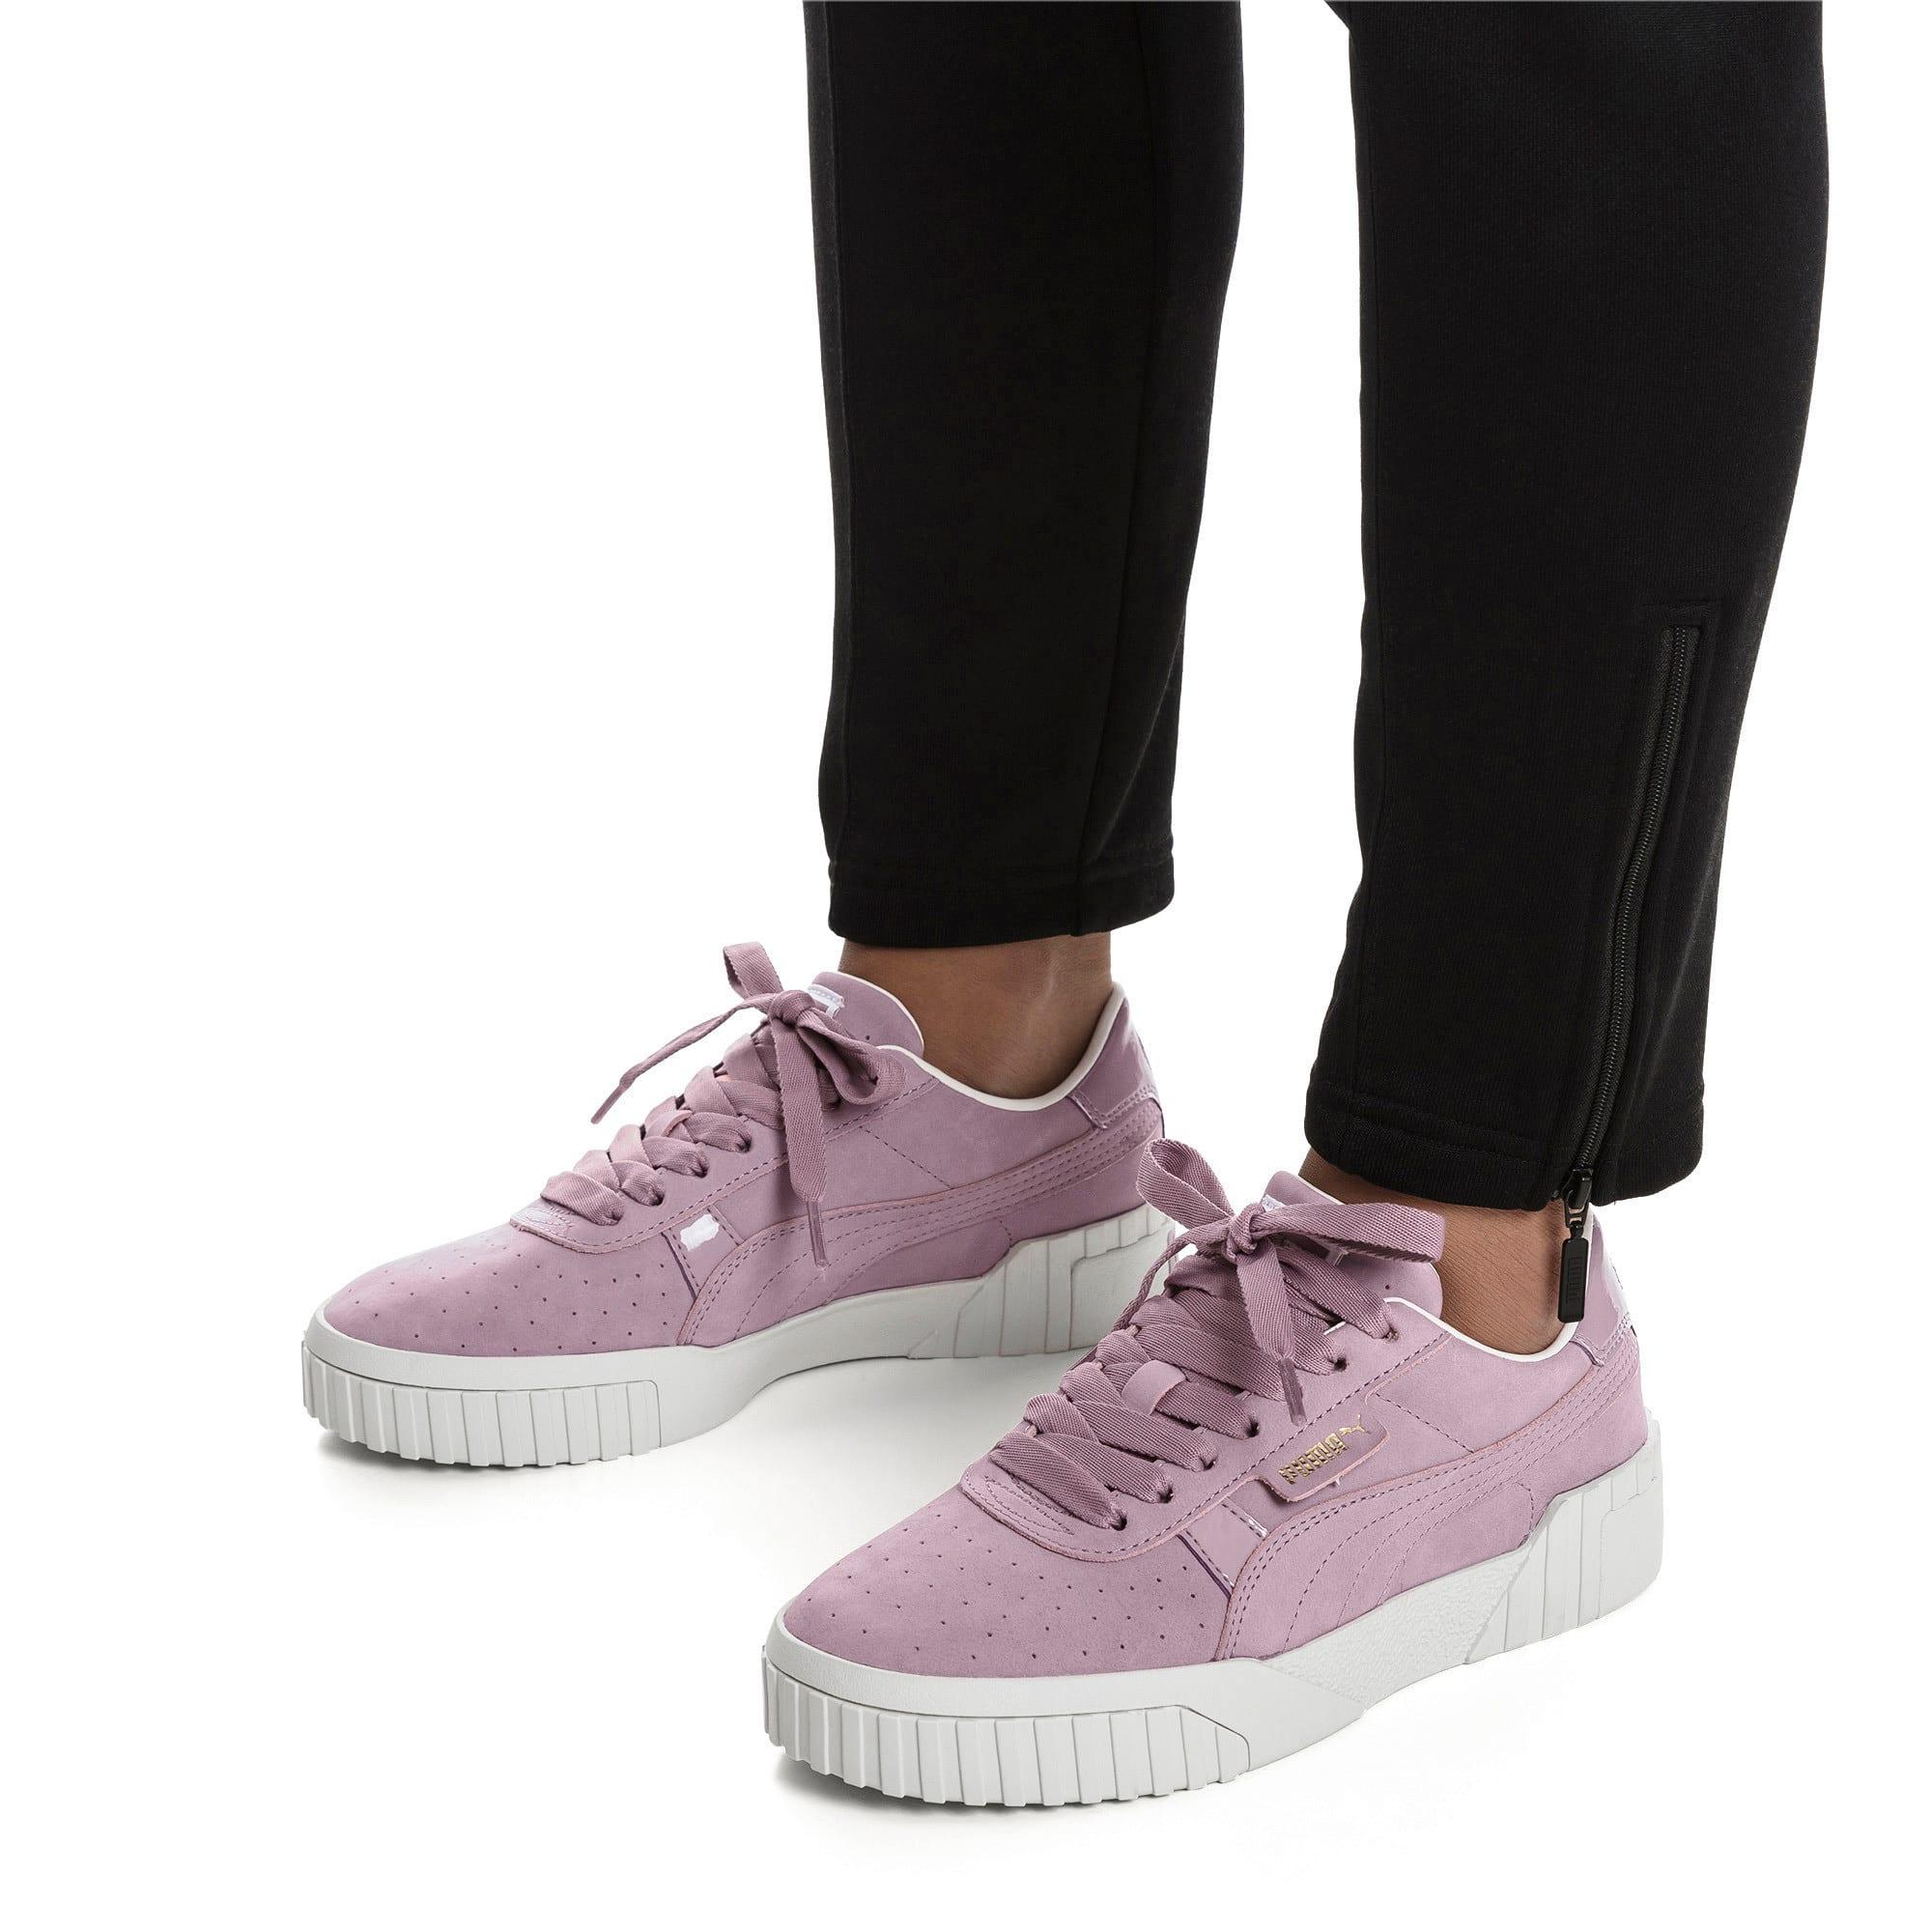 Zapatillas de mujer Cali Nubuck